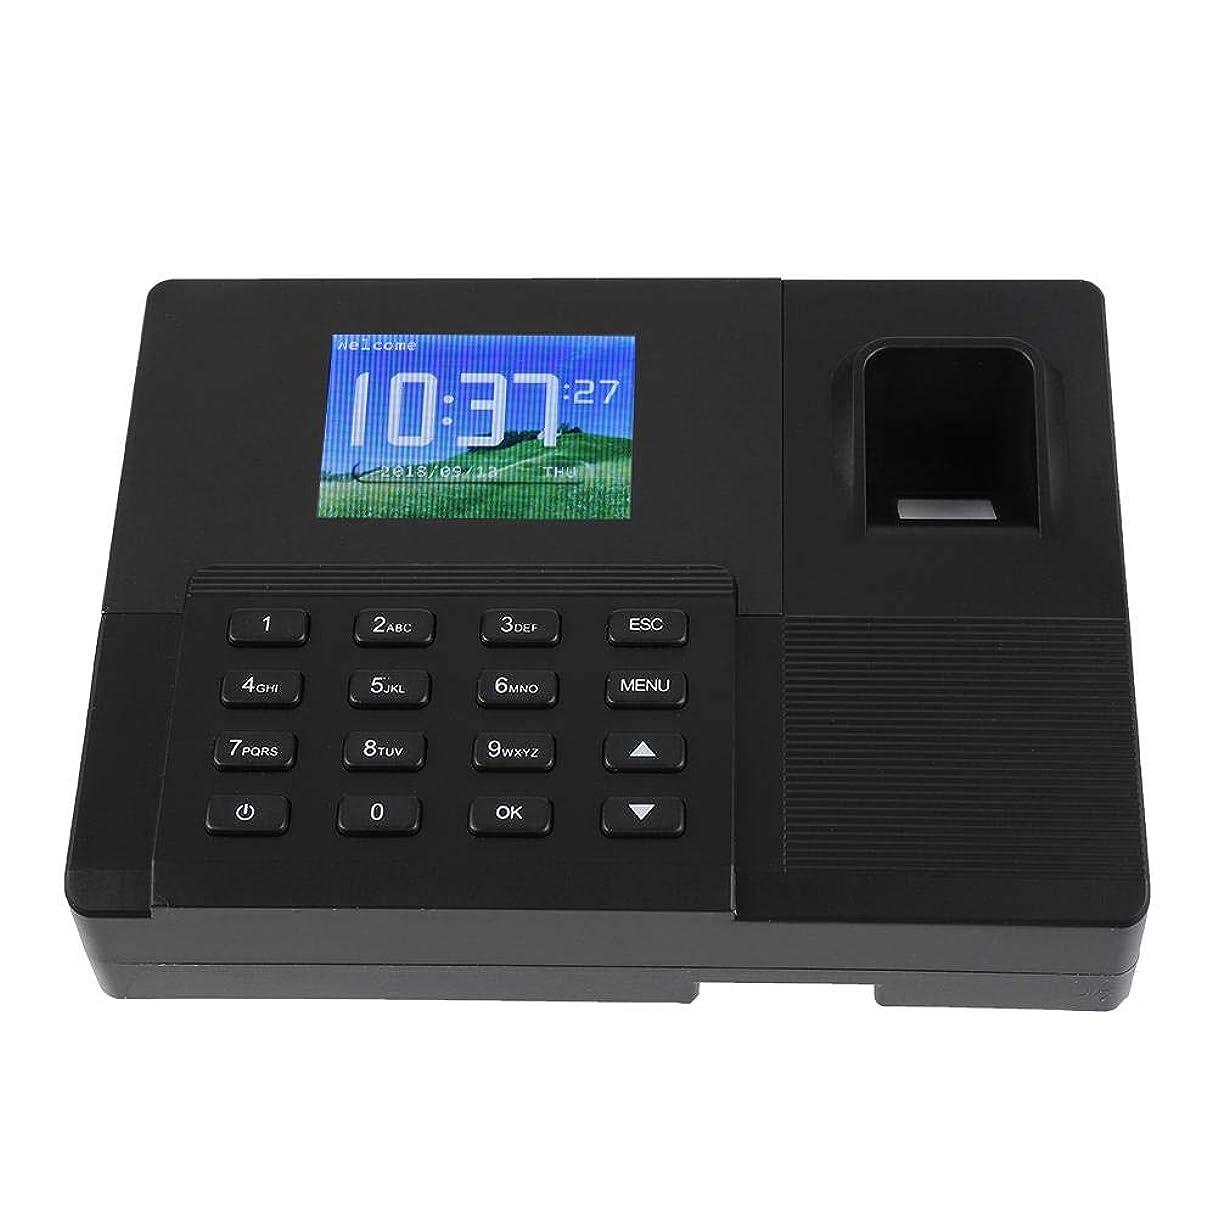 使い込む主観的スノーケル2.8インチTFTインテリジェントバイオメトリック 指紋パスワード出席マシン 時間出席クロック 従業員チェックインオフィス用レコーダー(US プラグ)